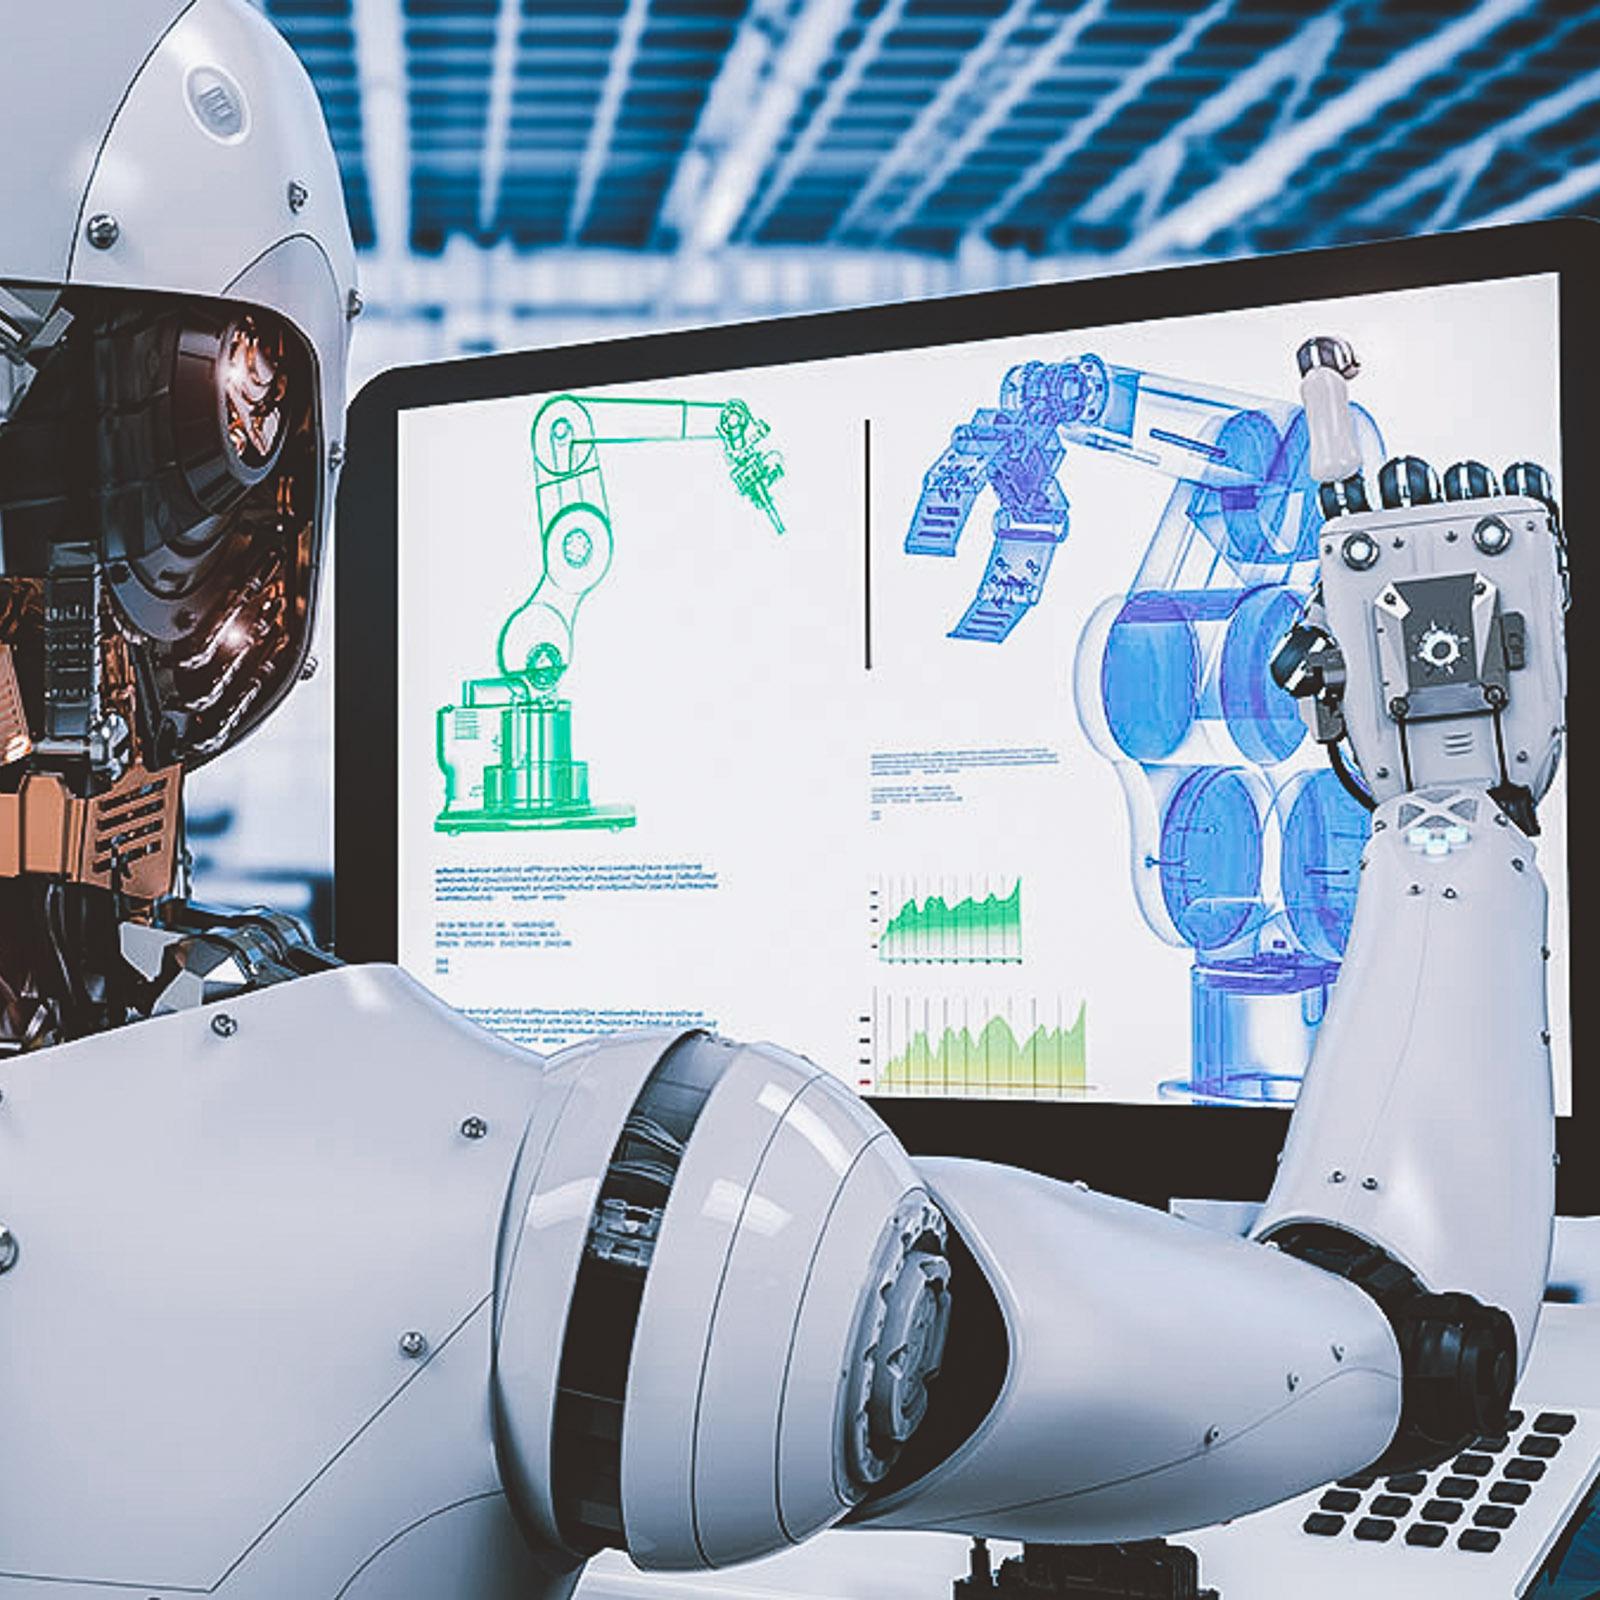 machine learning ai self improvement robot